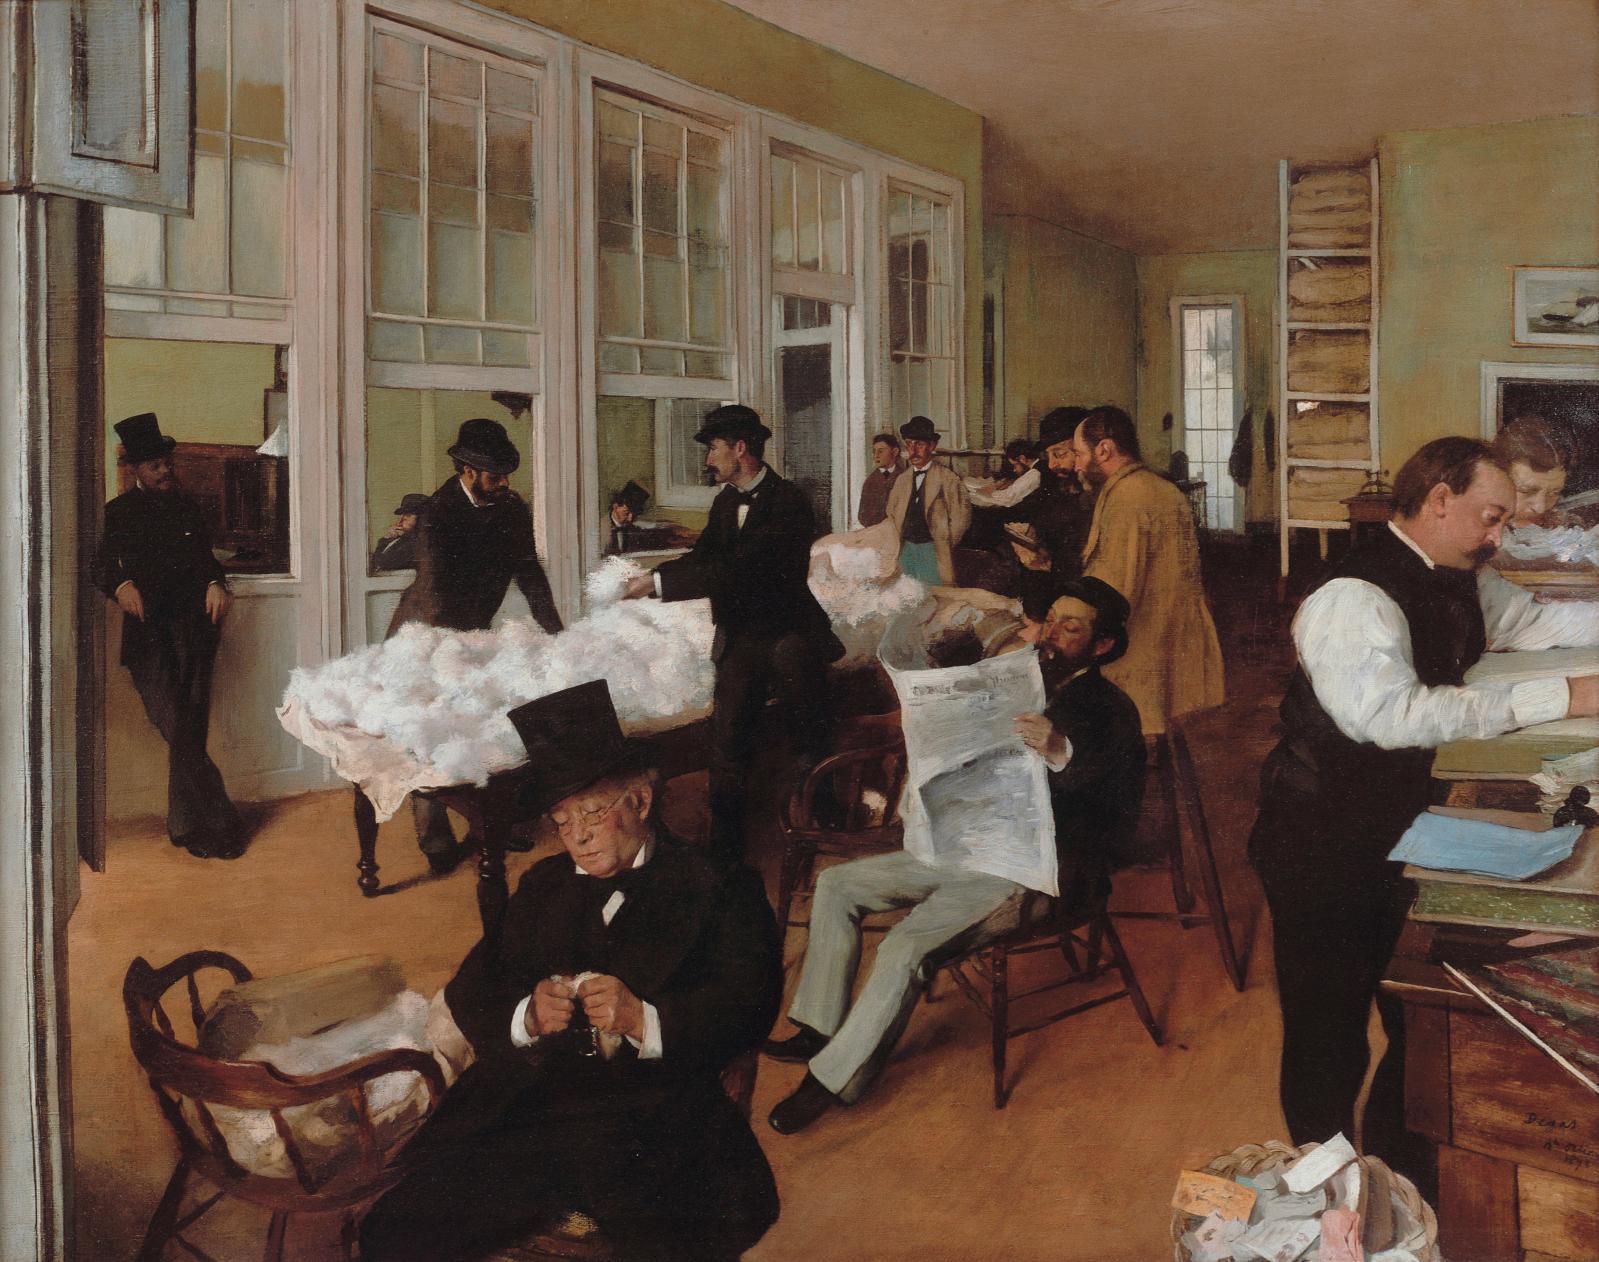 Edgar Degas (1834-1917), Un bureau de coton à la Nouvelle-Orléans (A Cotton Office in New Orleans), 1873, oil on canvas, 73 x 92 cm (28.75